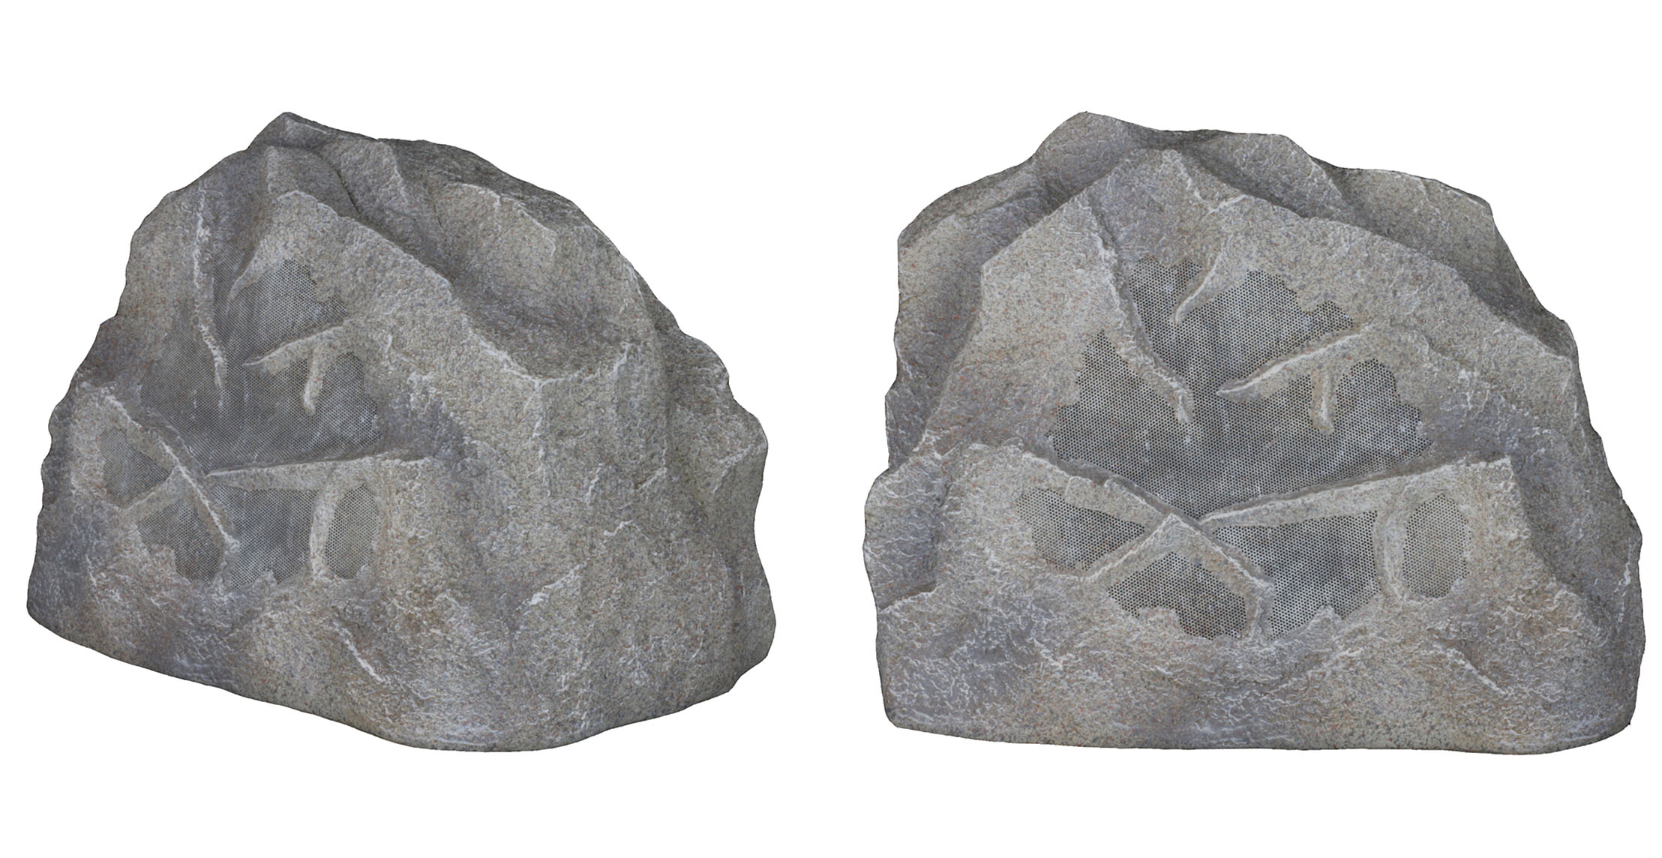 Rocks акустика в виде камня от компании Sonance